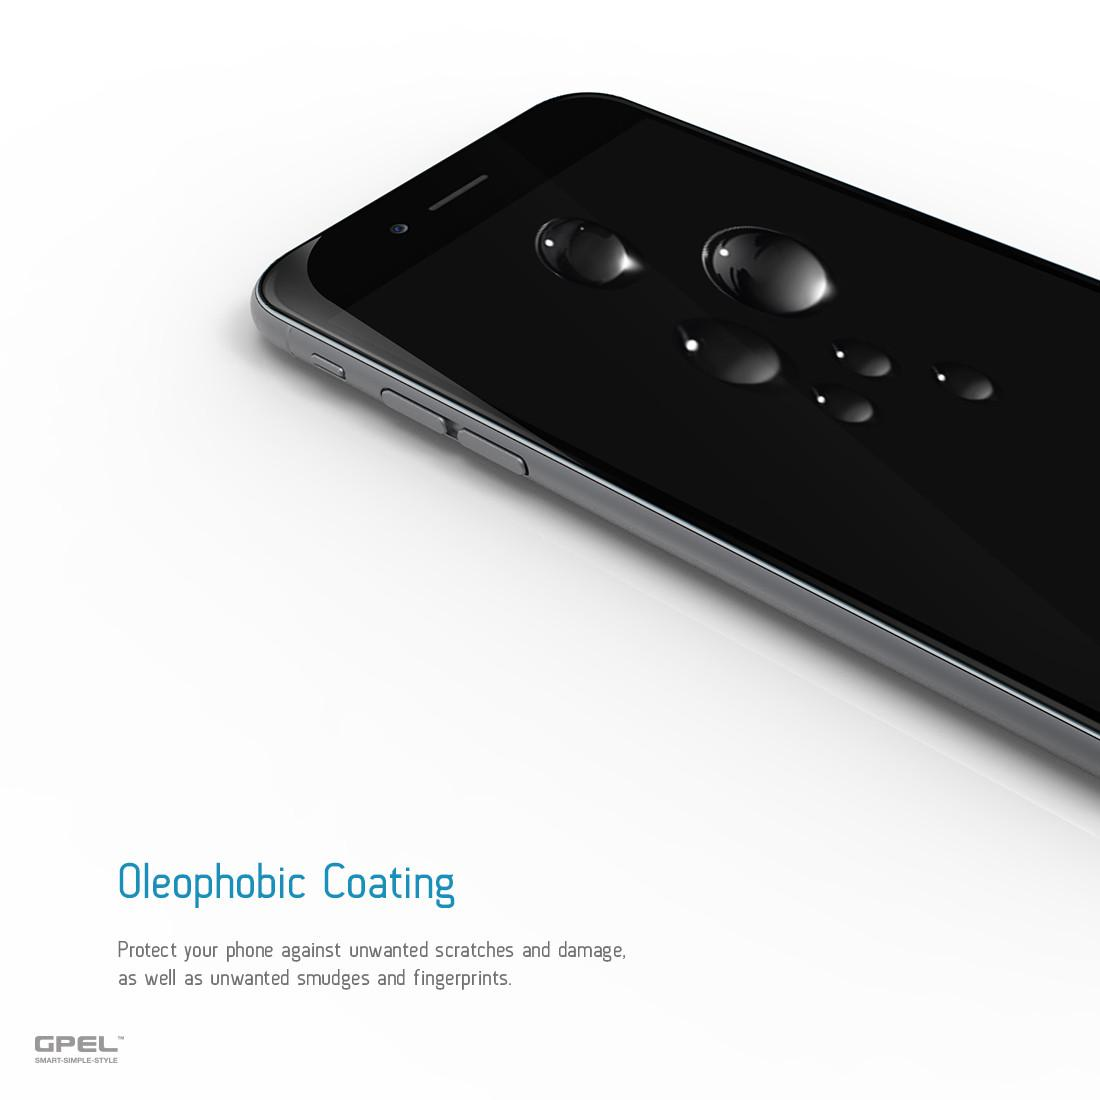 GPEL Glass Scr Pro iP7/8 Plus Black